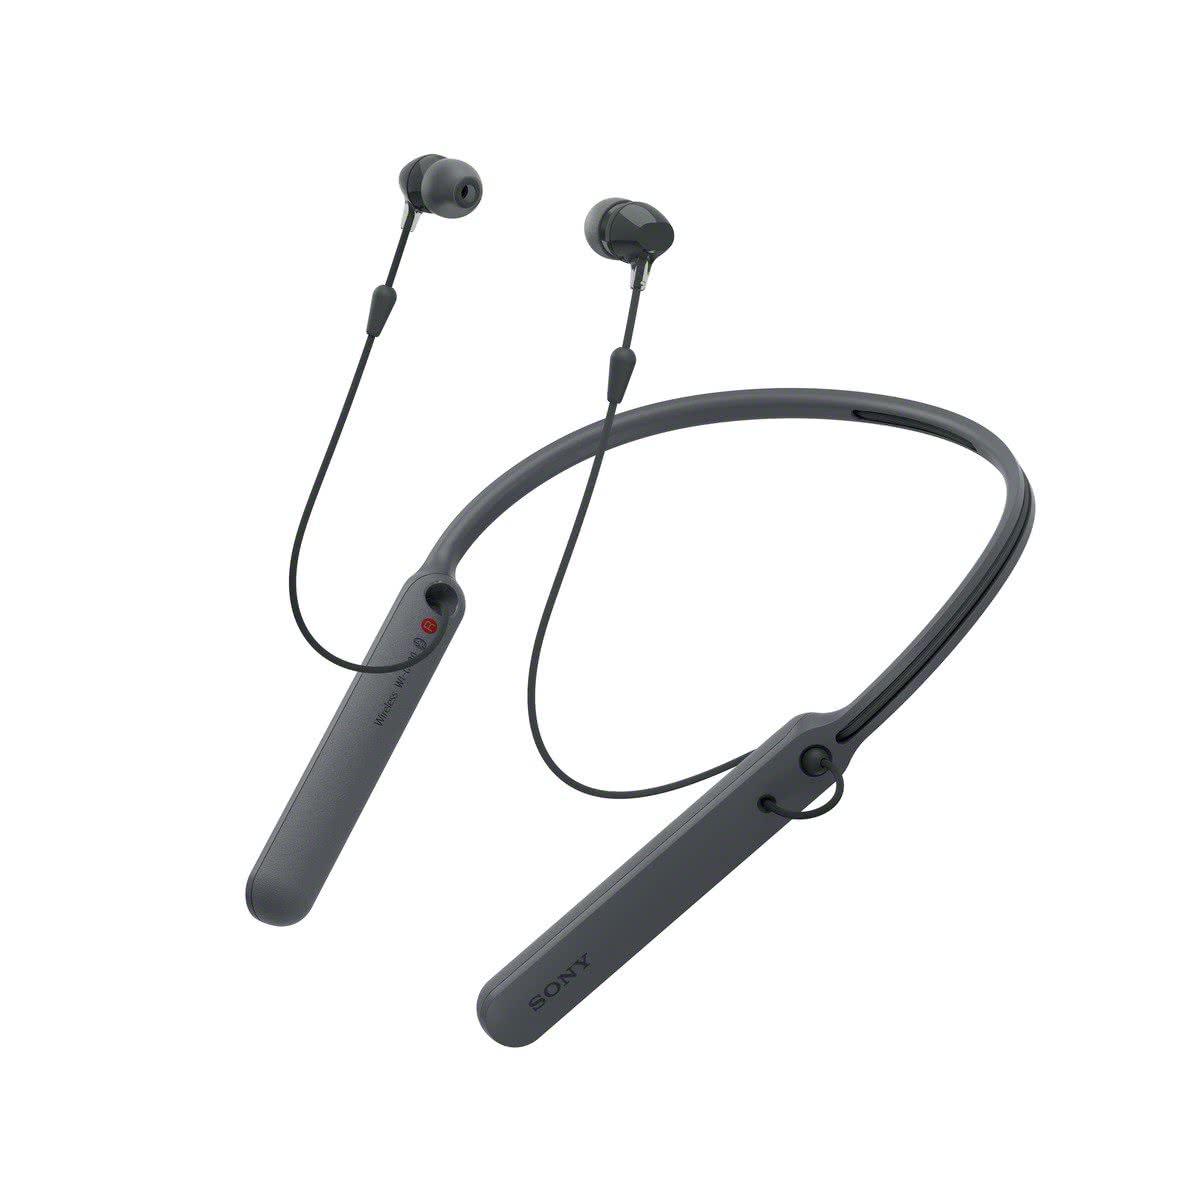 Sony WI-C400 Wireless In-ear Headphones - The Walkman Blog